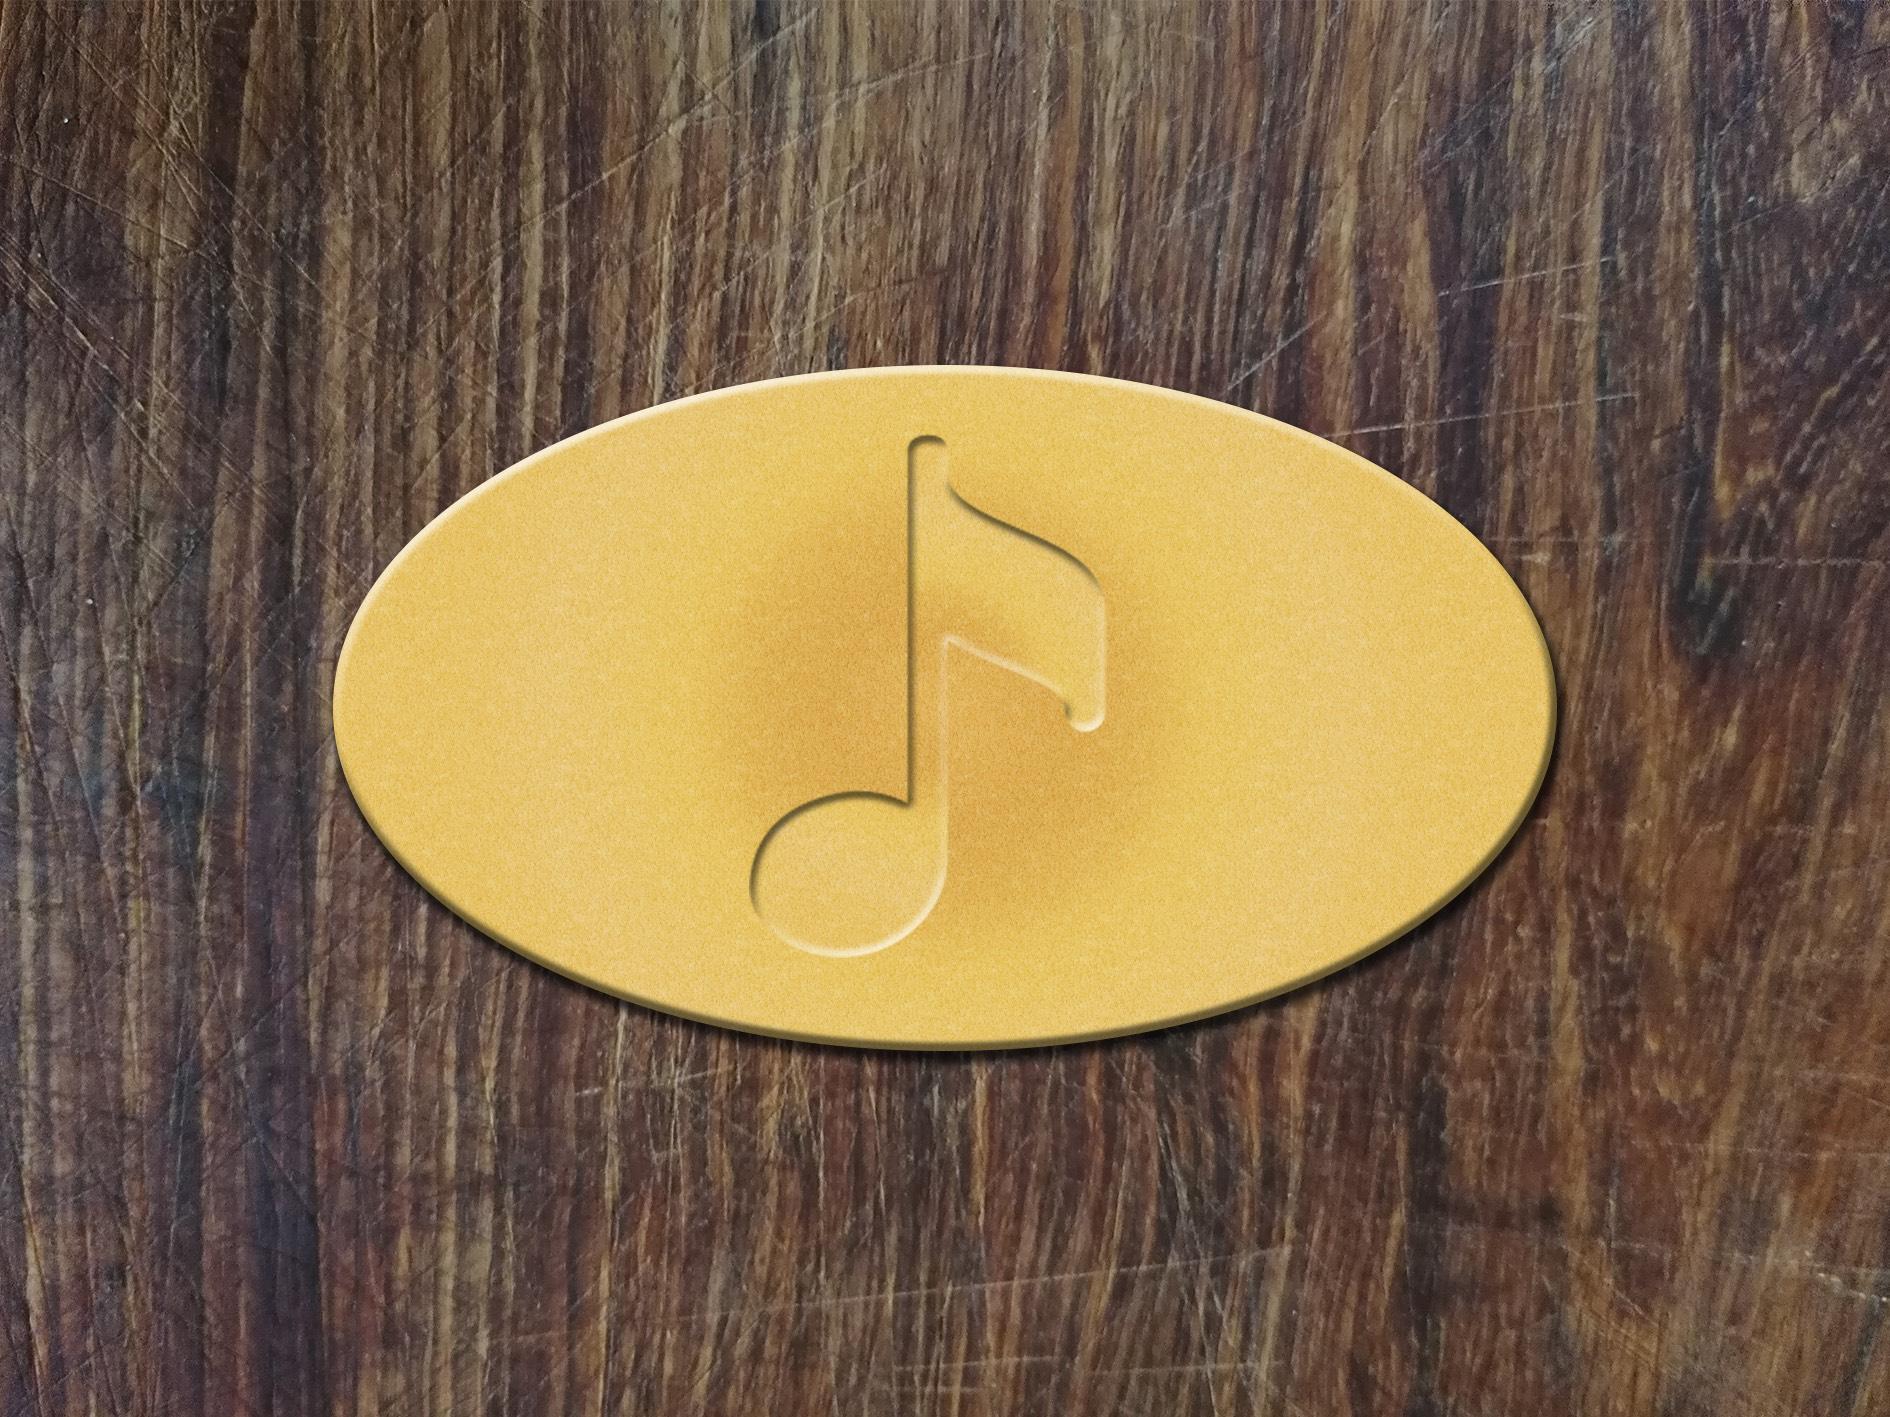 Music Note Shaper